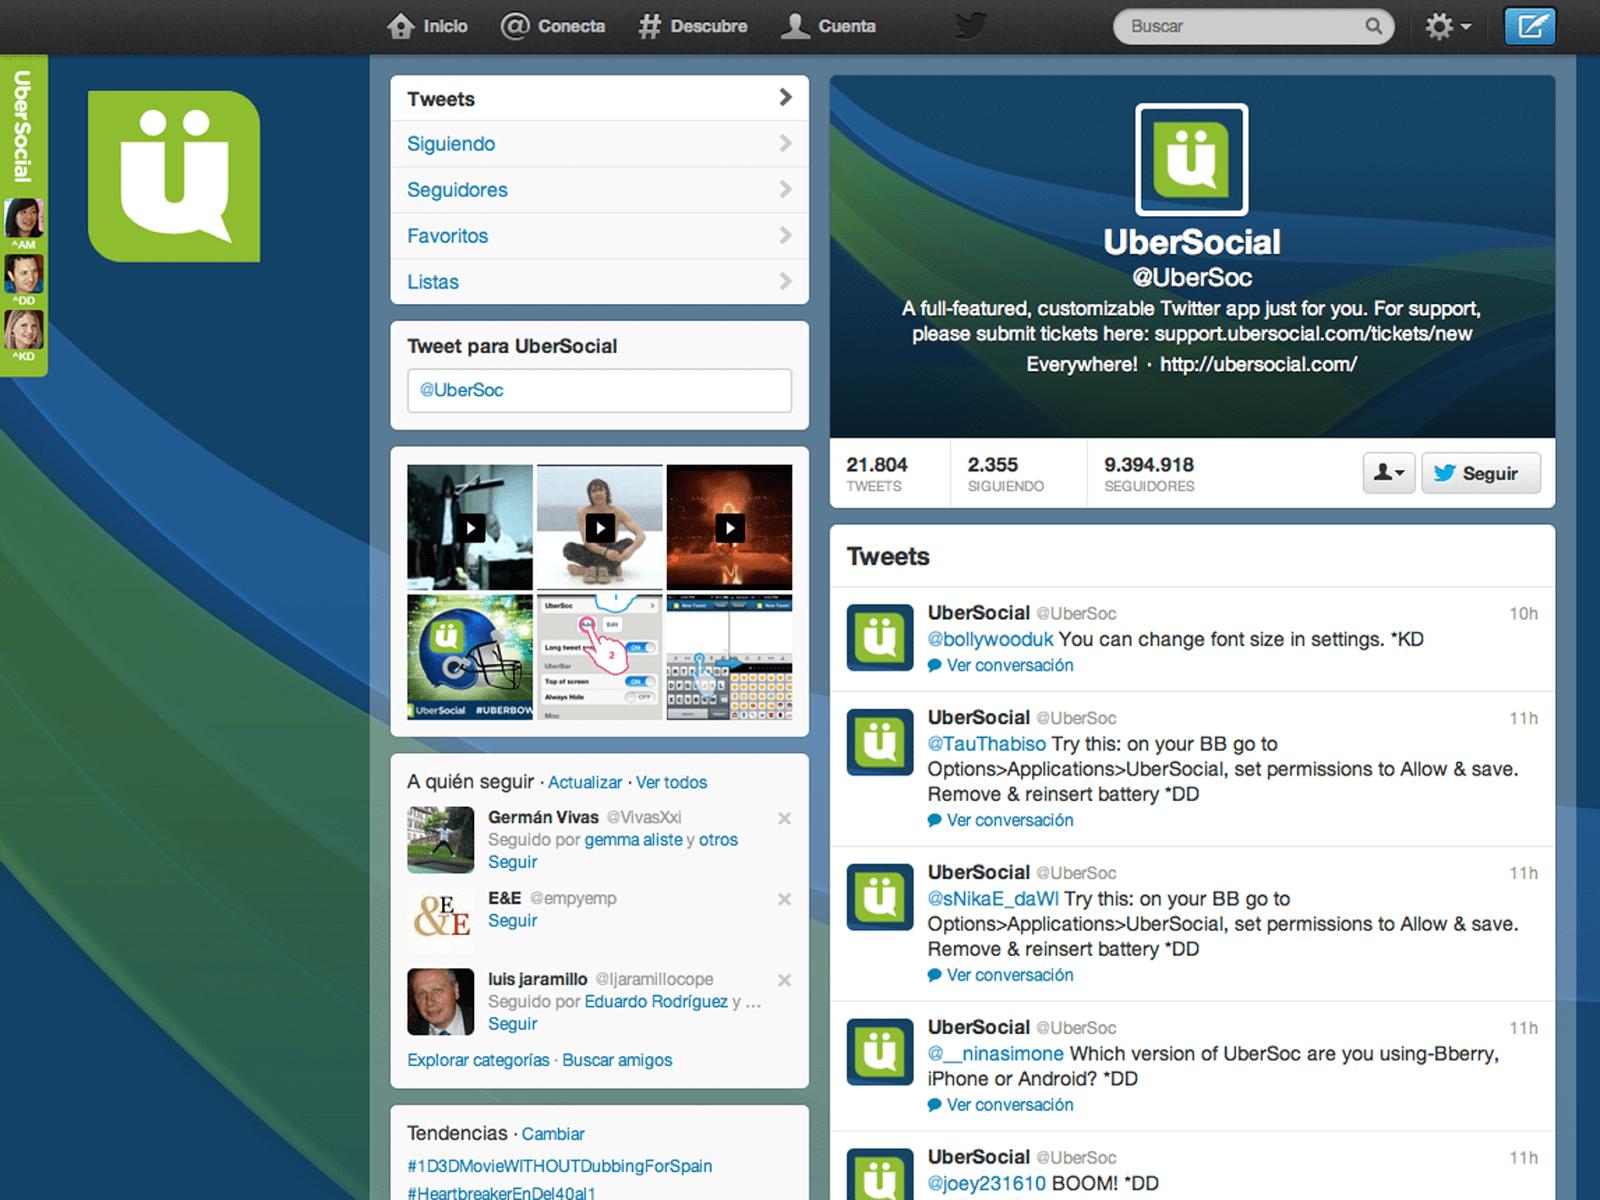 ubersocial aplicativo que pode substituir o tweetdeck